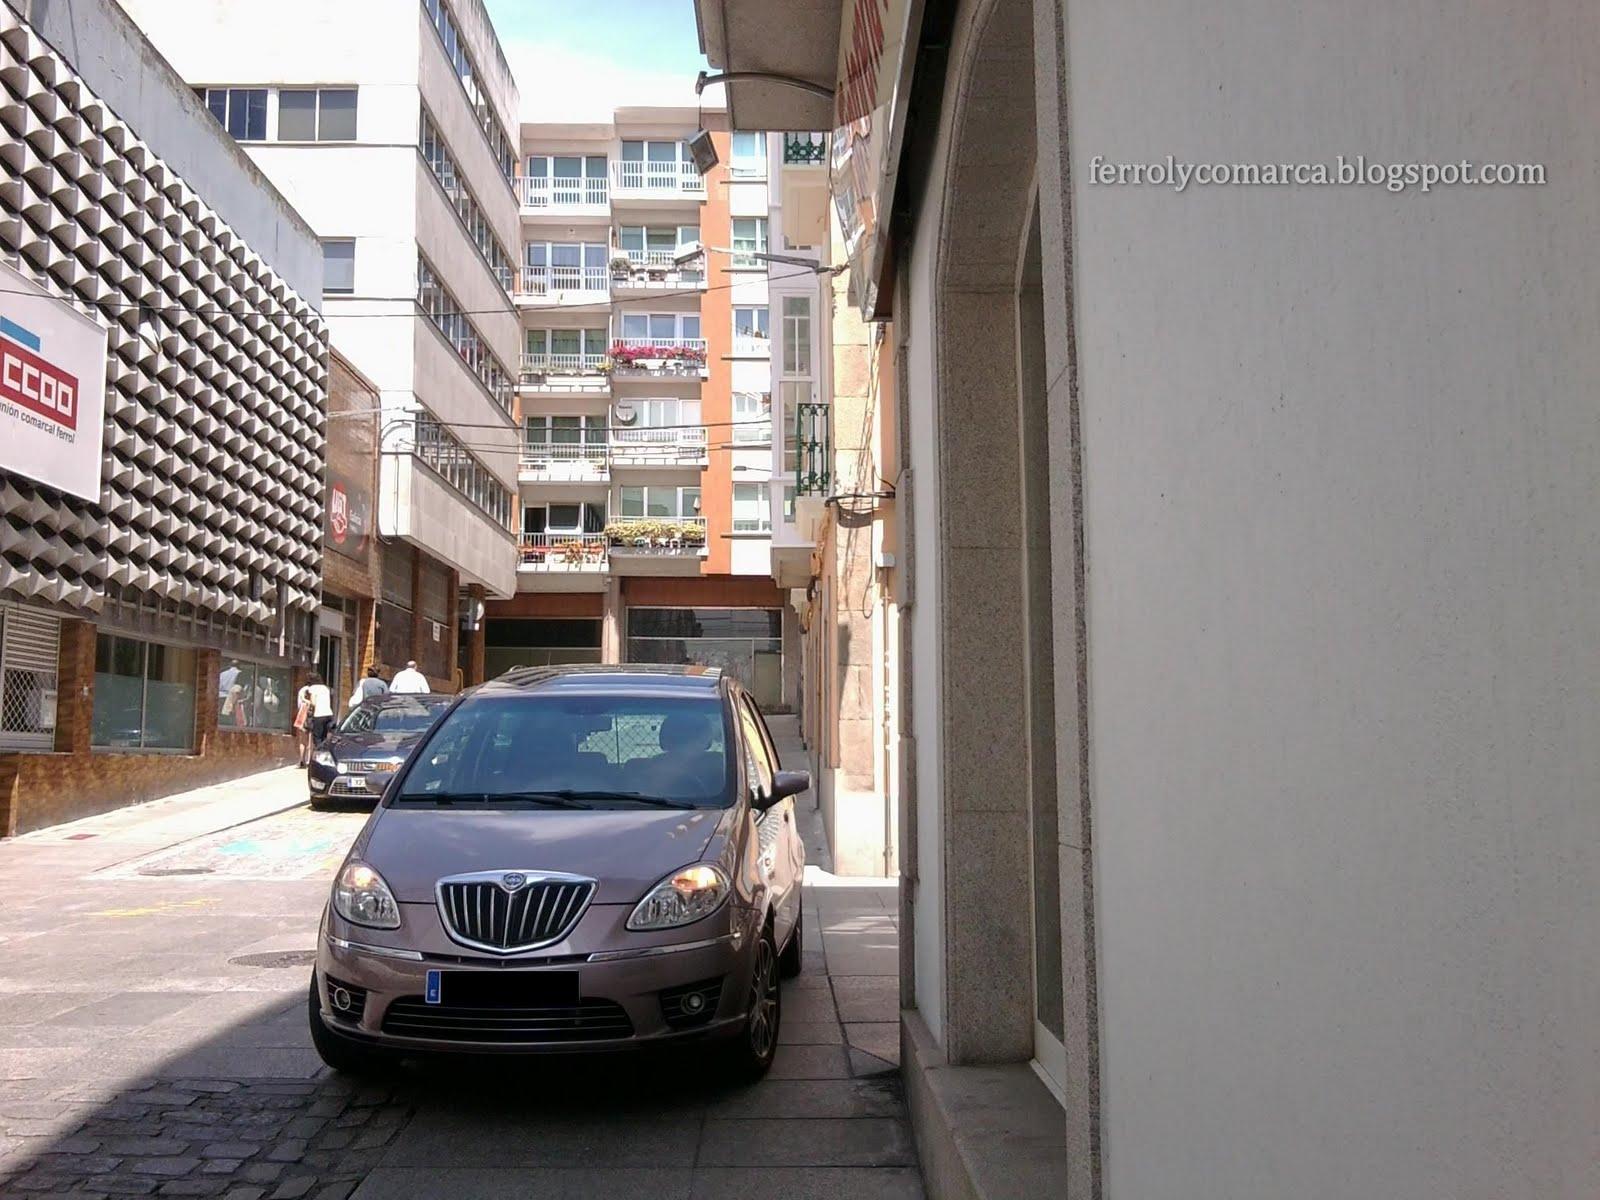 Ferrol y comarca 07 01 2011 08 01 2011 for Cuanto cuesta adaptar un coche para silla de ruedas